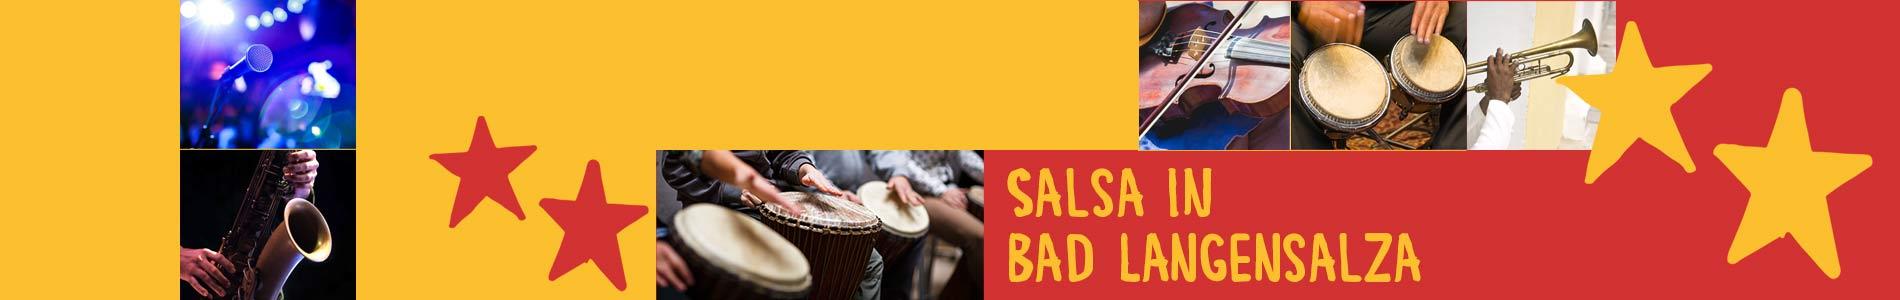 Salsa in Bad Langensalza – Salsa lernen und tanzen, Tanzkurse, Partys, Veranstaltungen